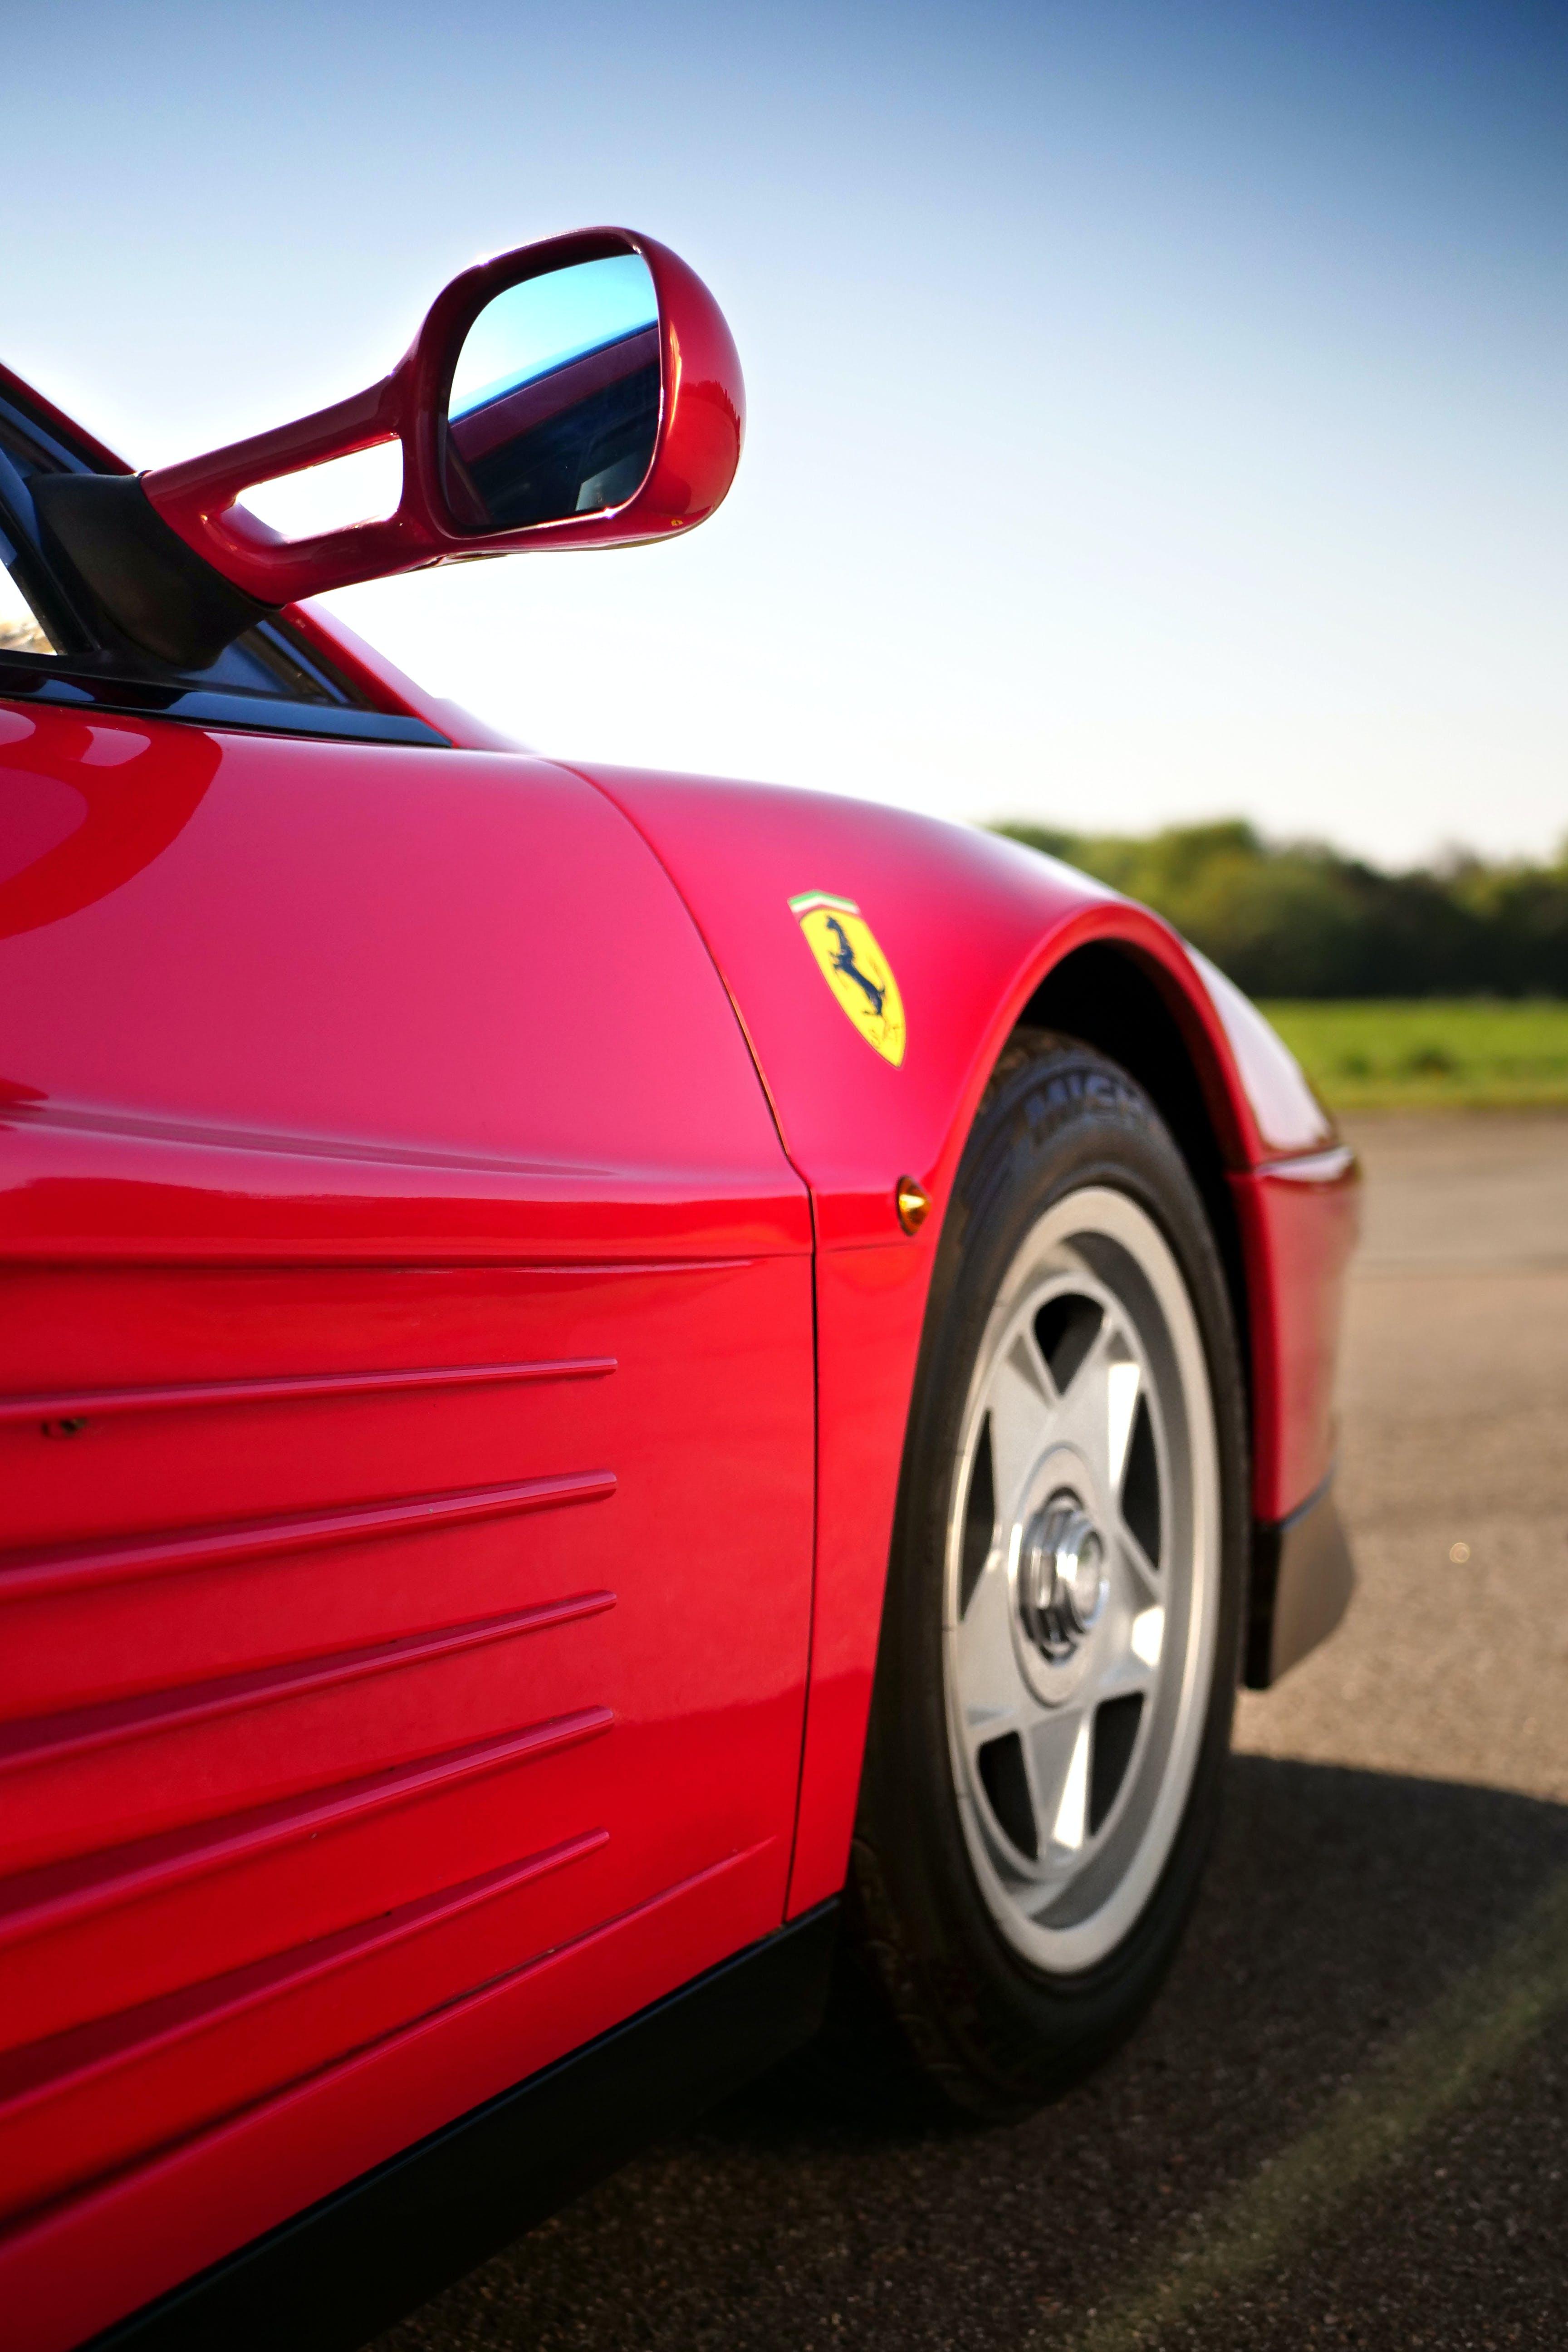 Foto d'estoc gratuïta de automòbil, automoció, carretera, clàssic